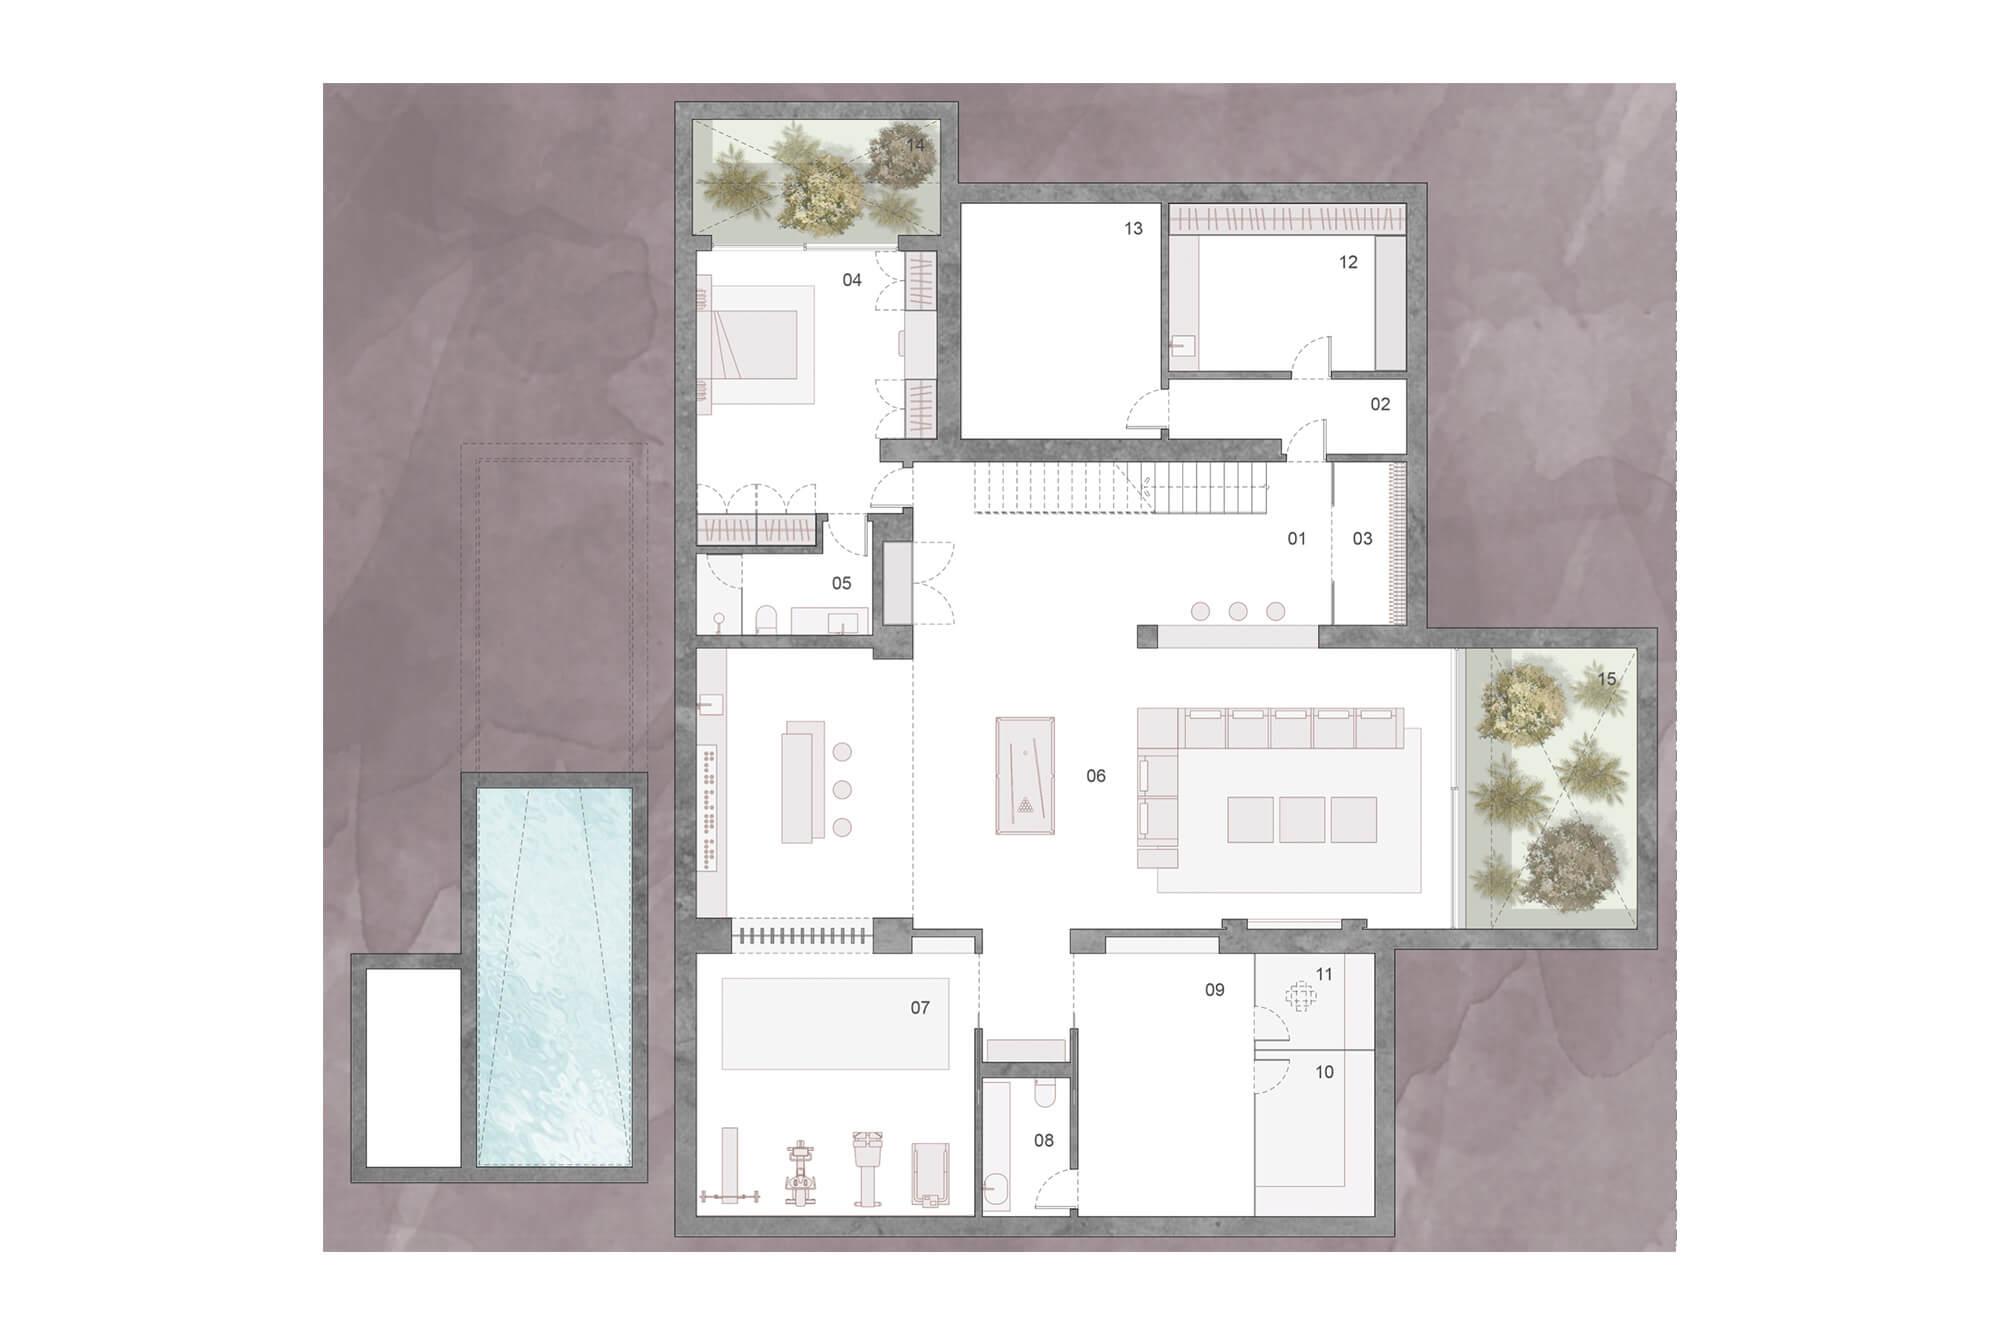 cortijo blanco beach villa vamoz te koop marbella costa del sol spanje nieuwbouw grondplan 2 kelder